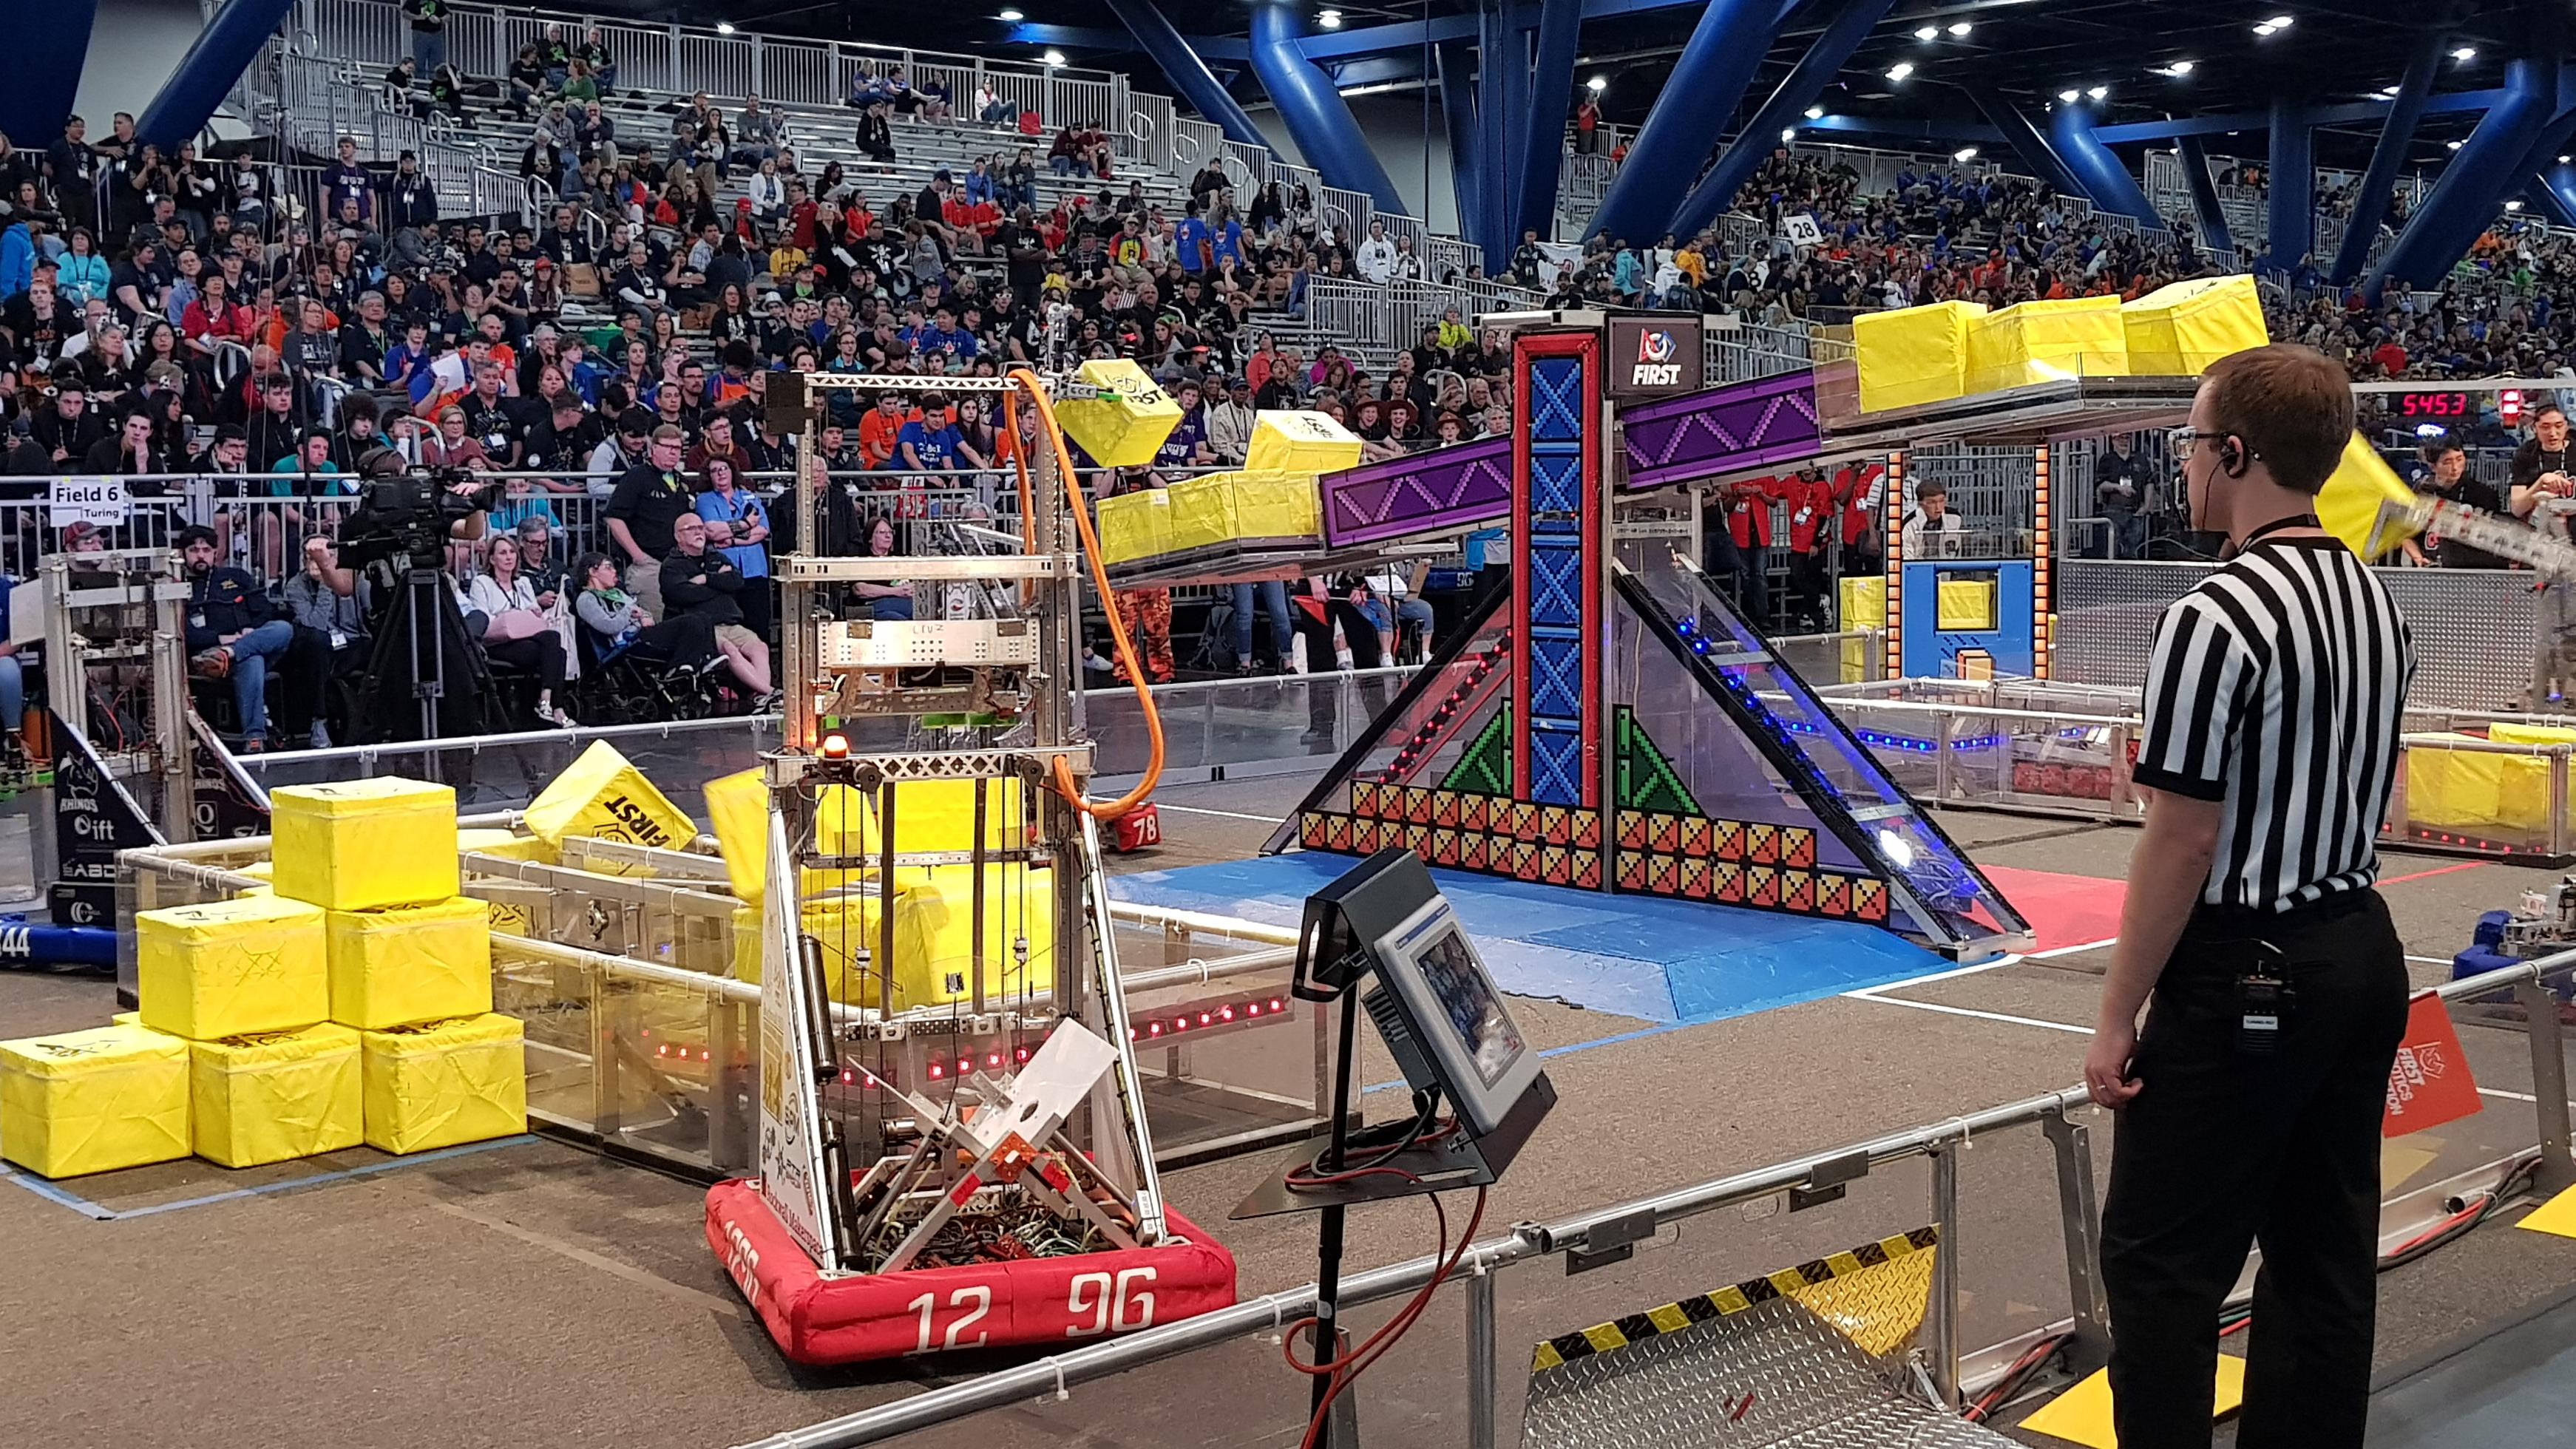 Tem muita coisa acontecendo no World Festival, o mundial de robótica. Saiba tudo!